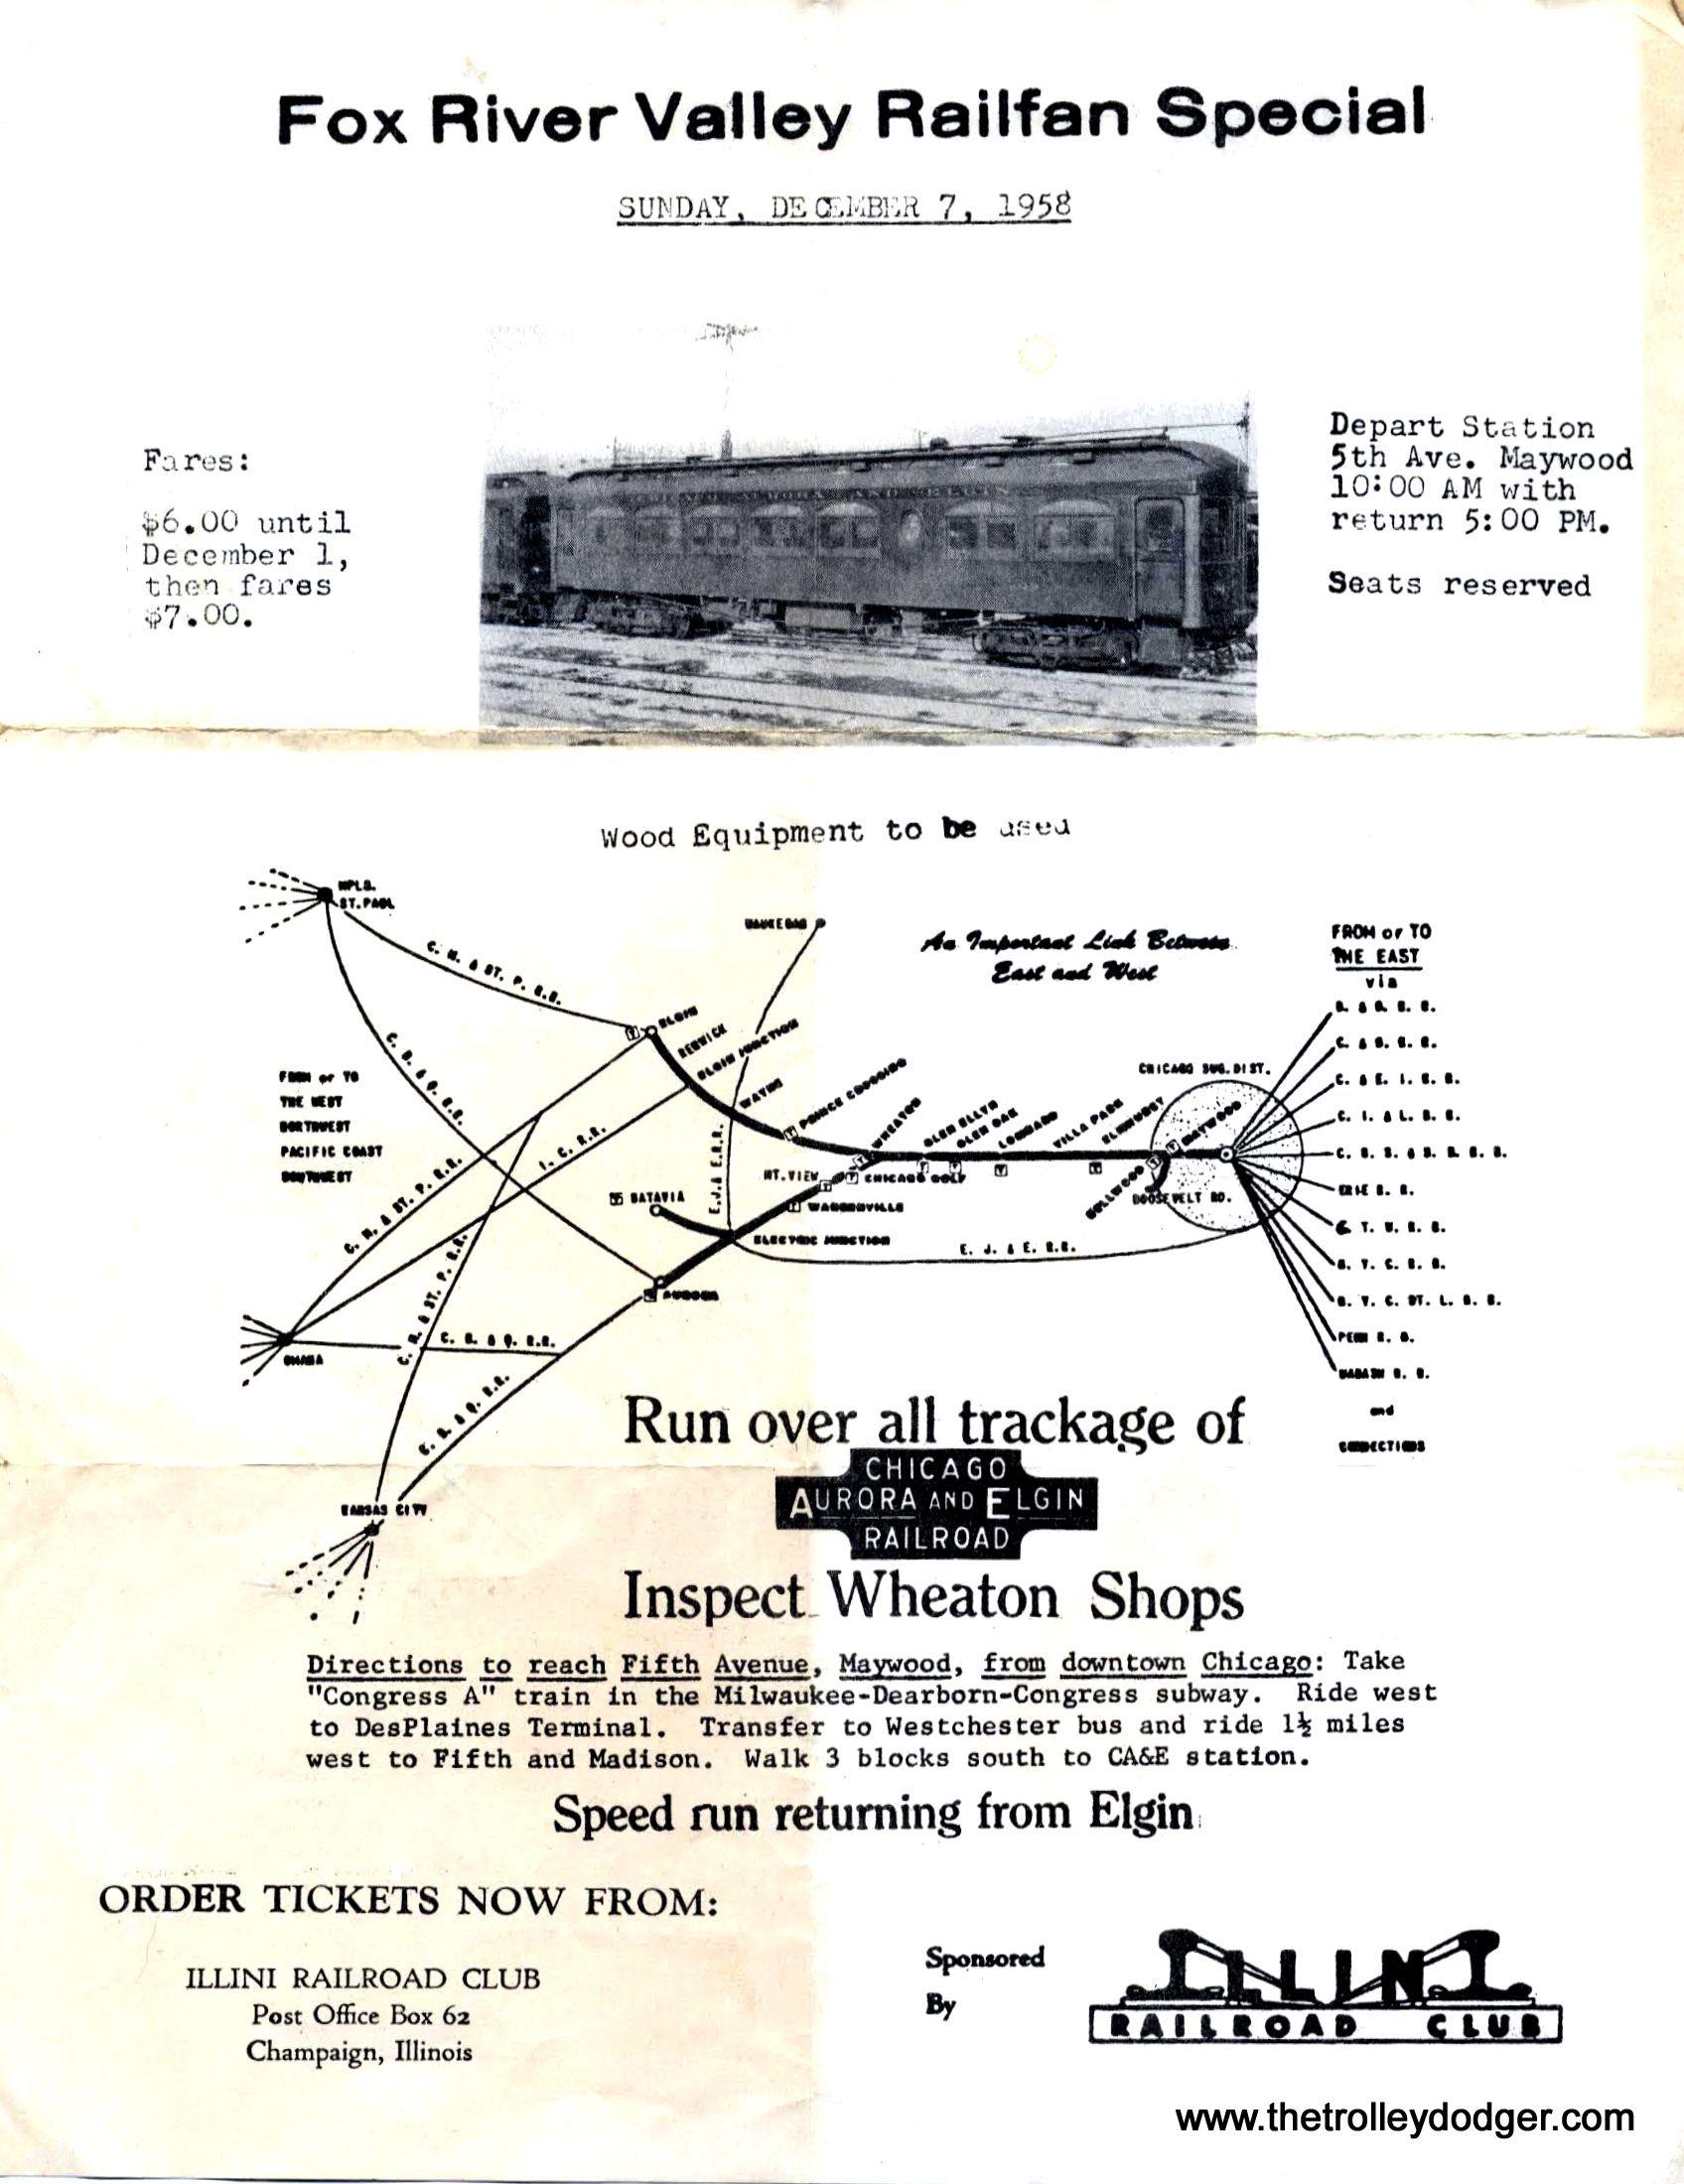 cae151?w=665&h=863 illinois prairie path the trolley dodger Aurora Borealis Diagram at creativeand.co